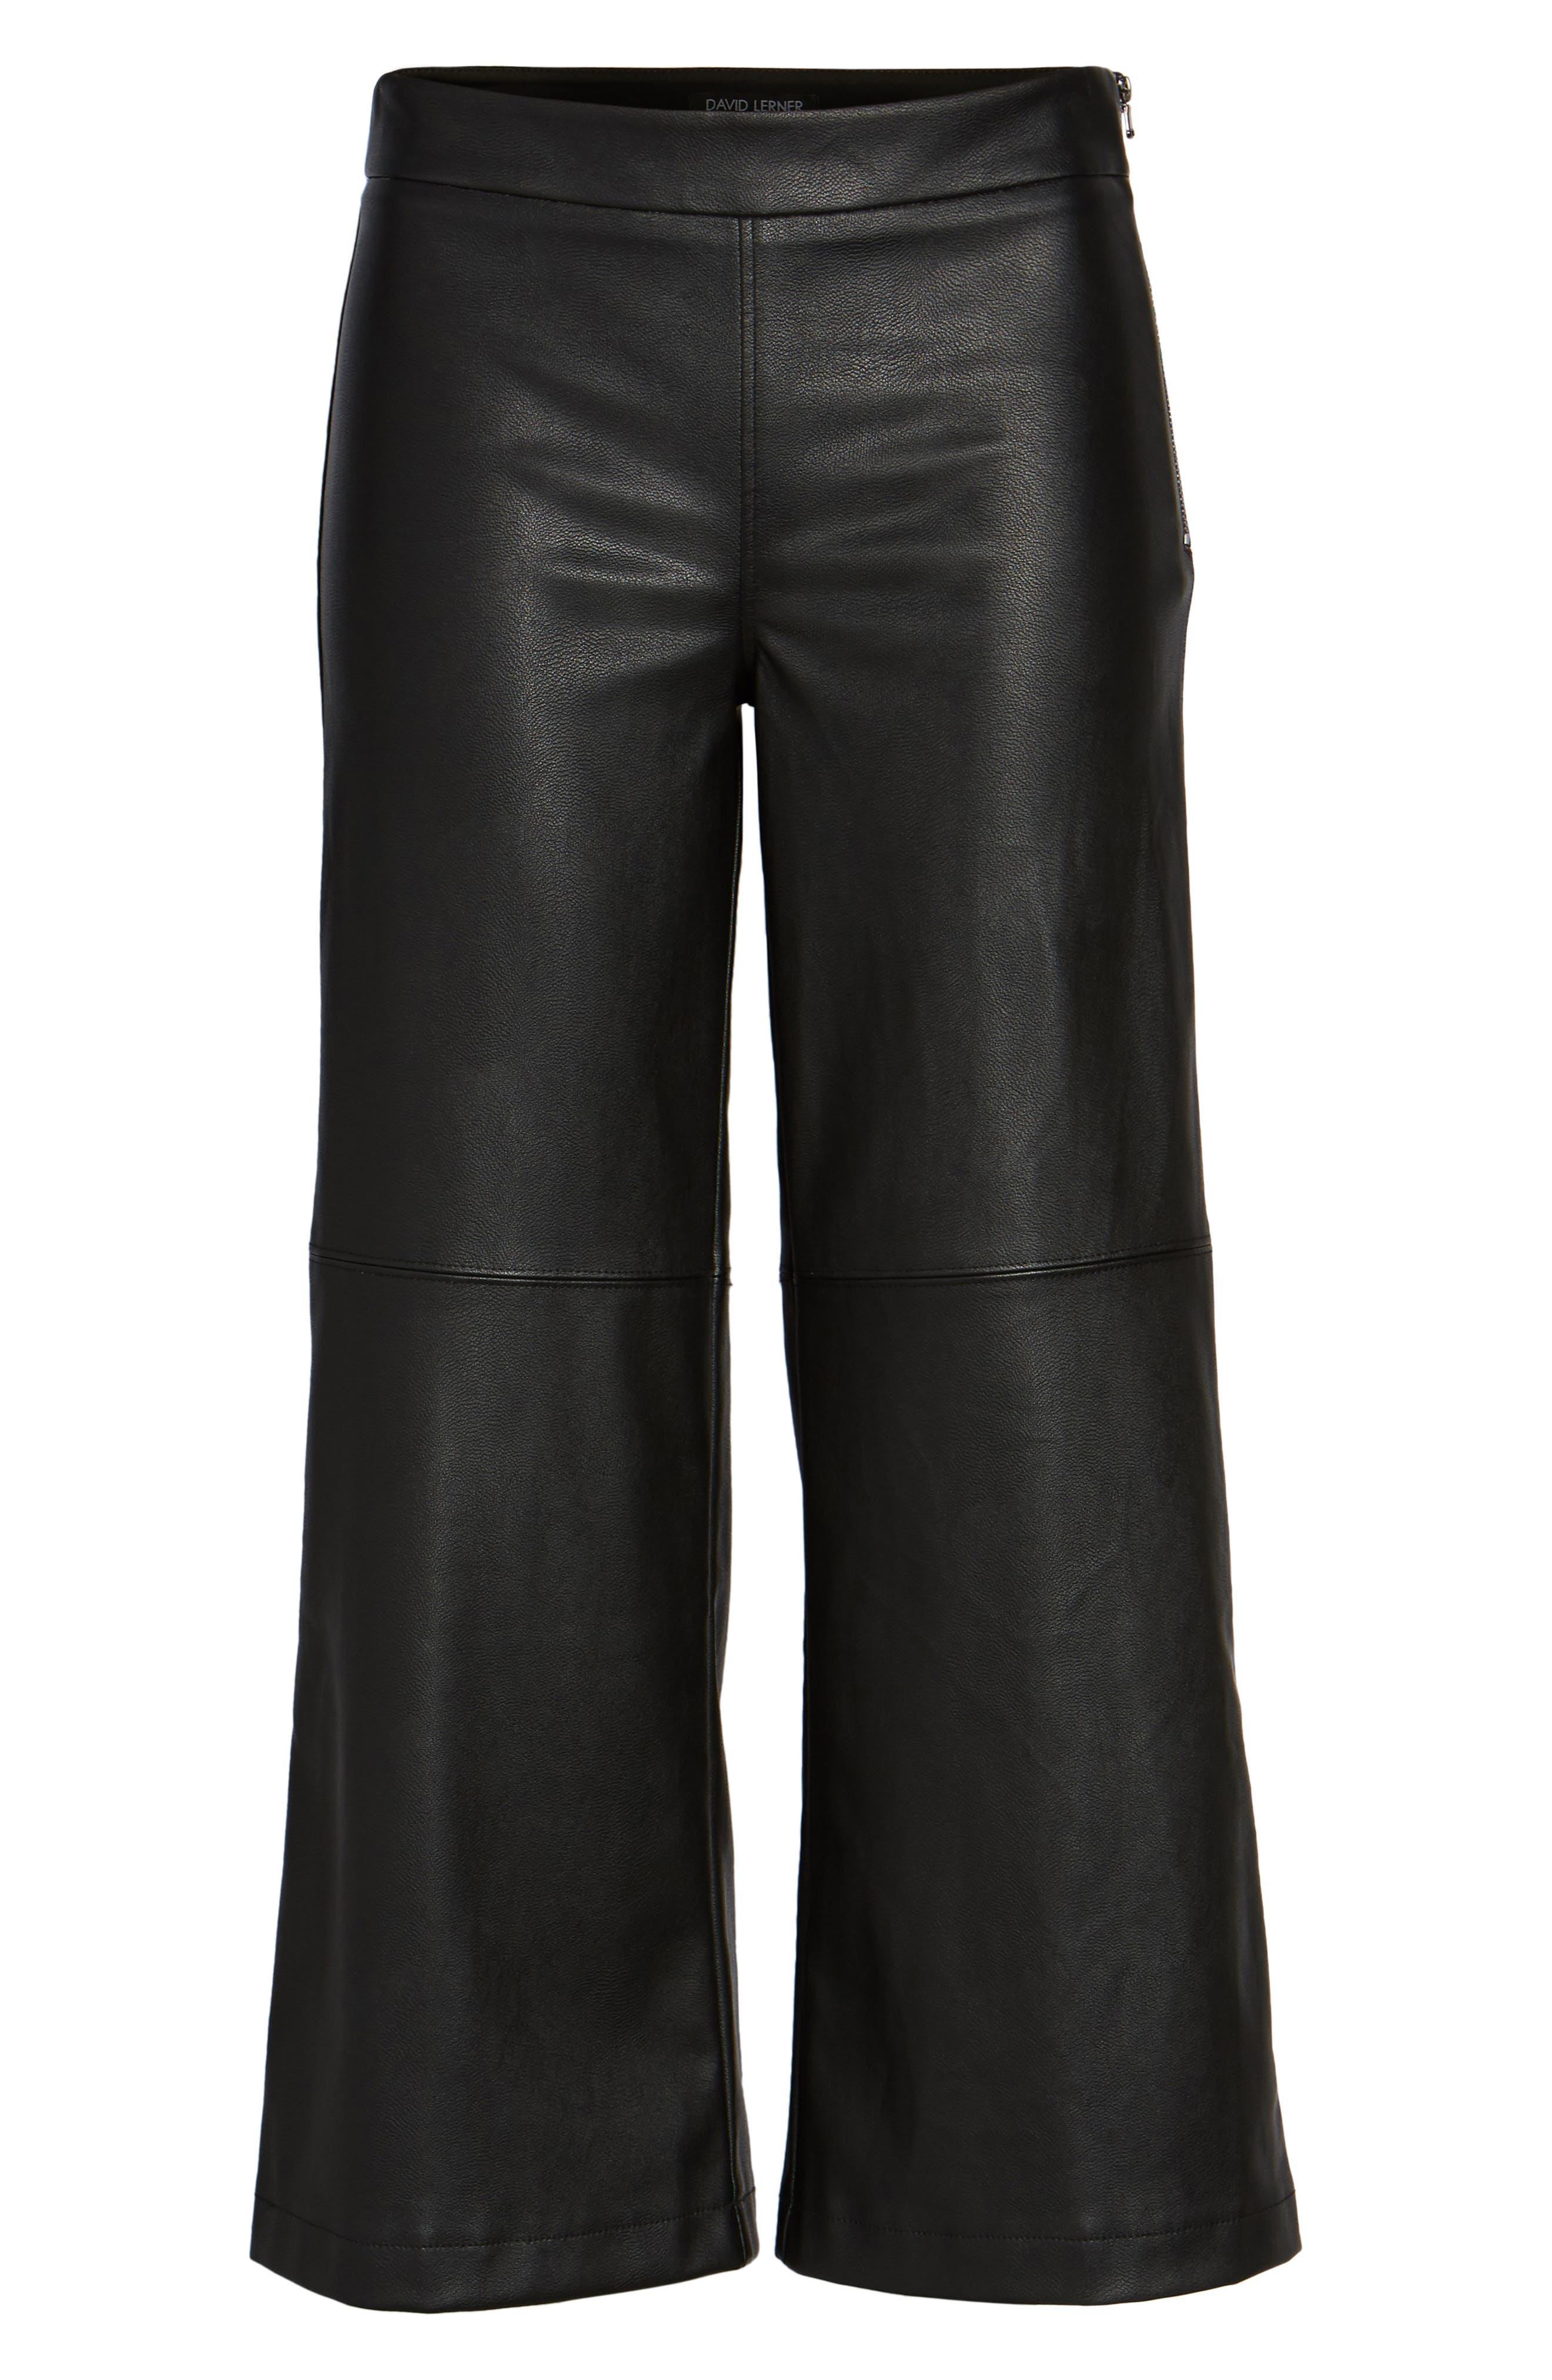 Varick Wide Leg Faux Leather Culottes,                             Alternate thumbnail 6, color,                             Black